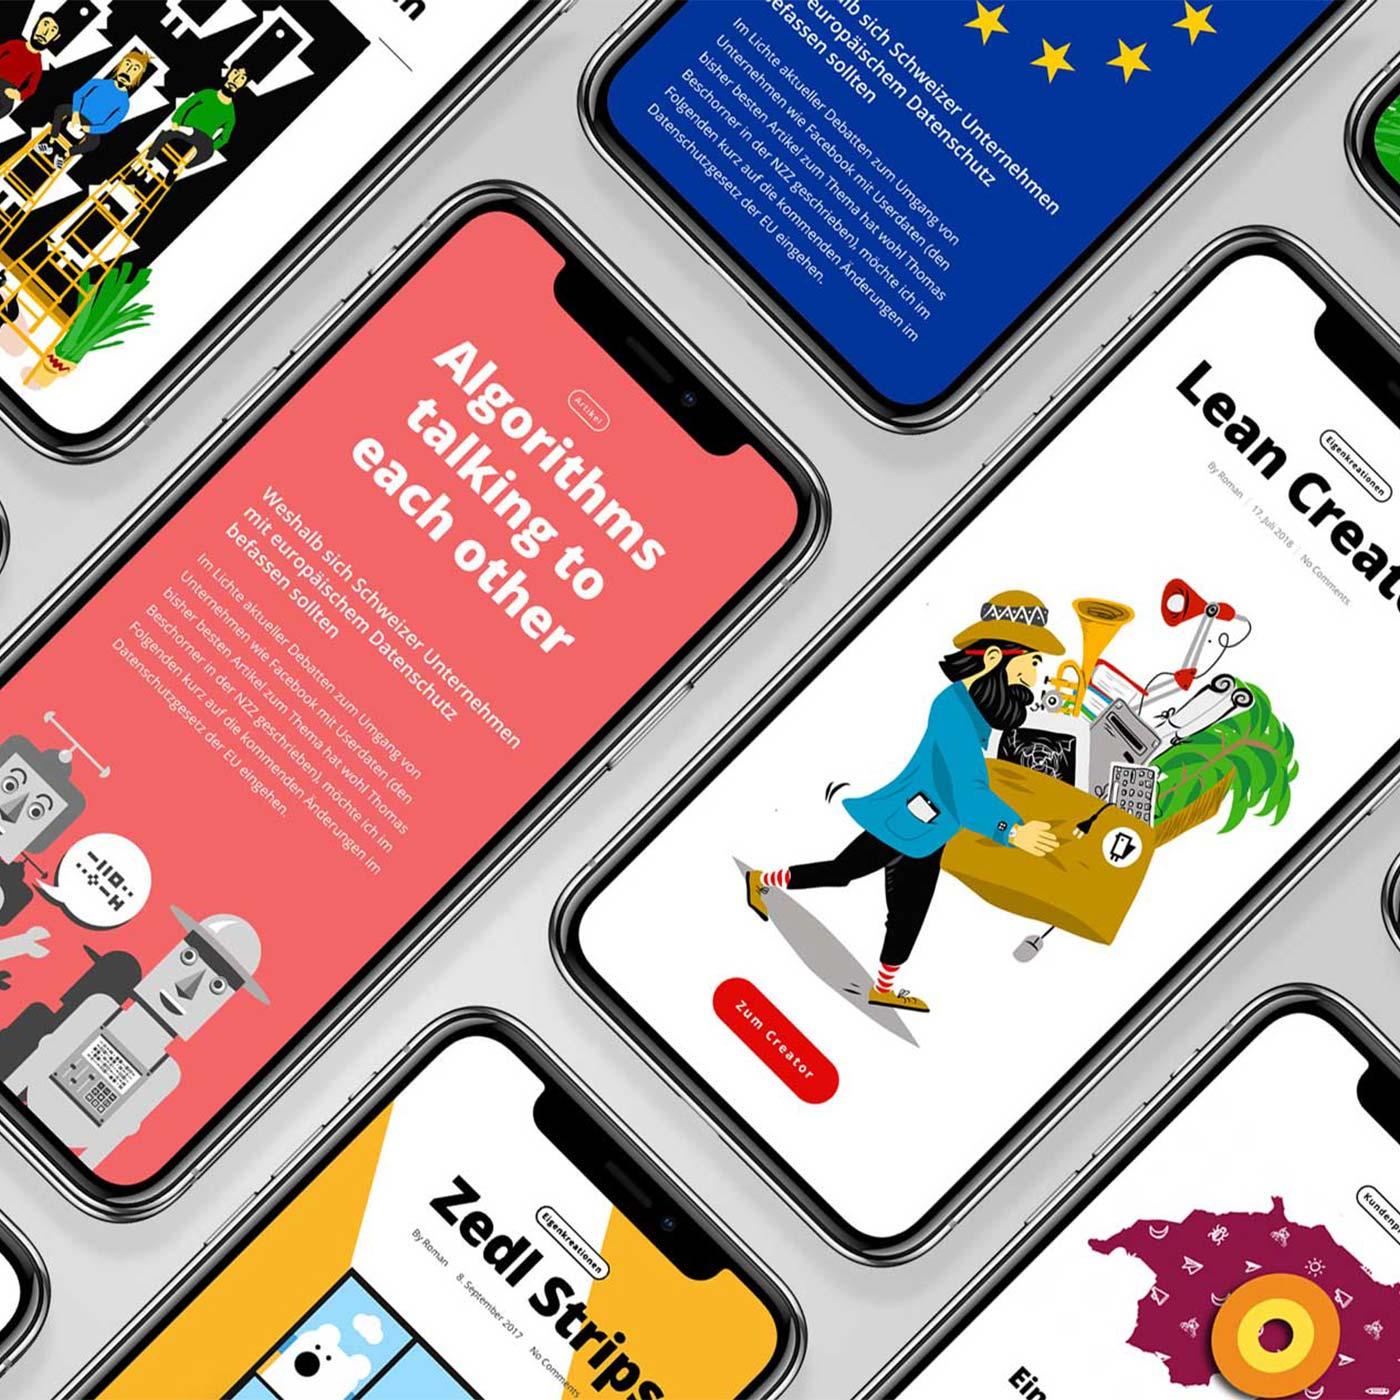 Illustrationen IT Firma Schweiz